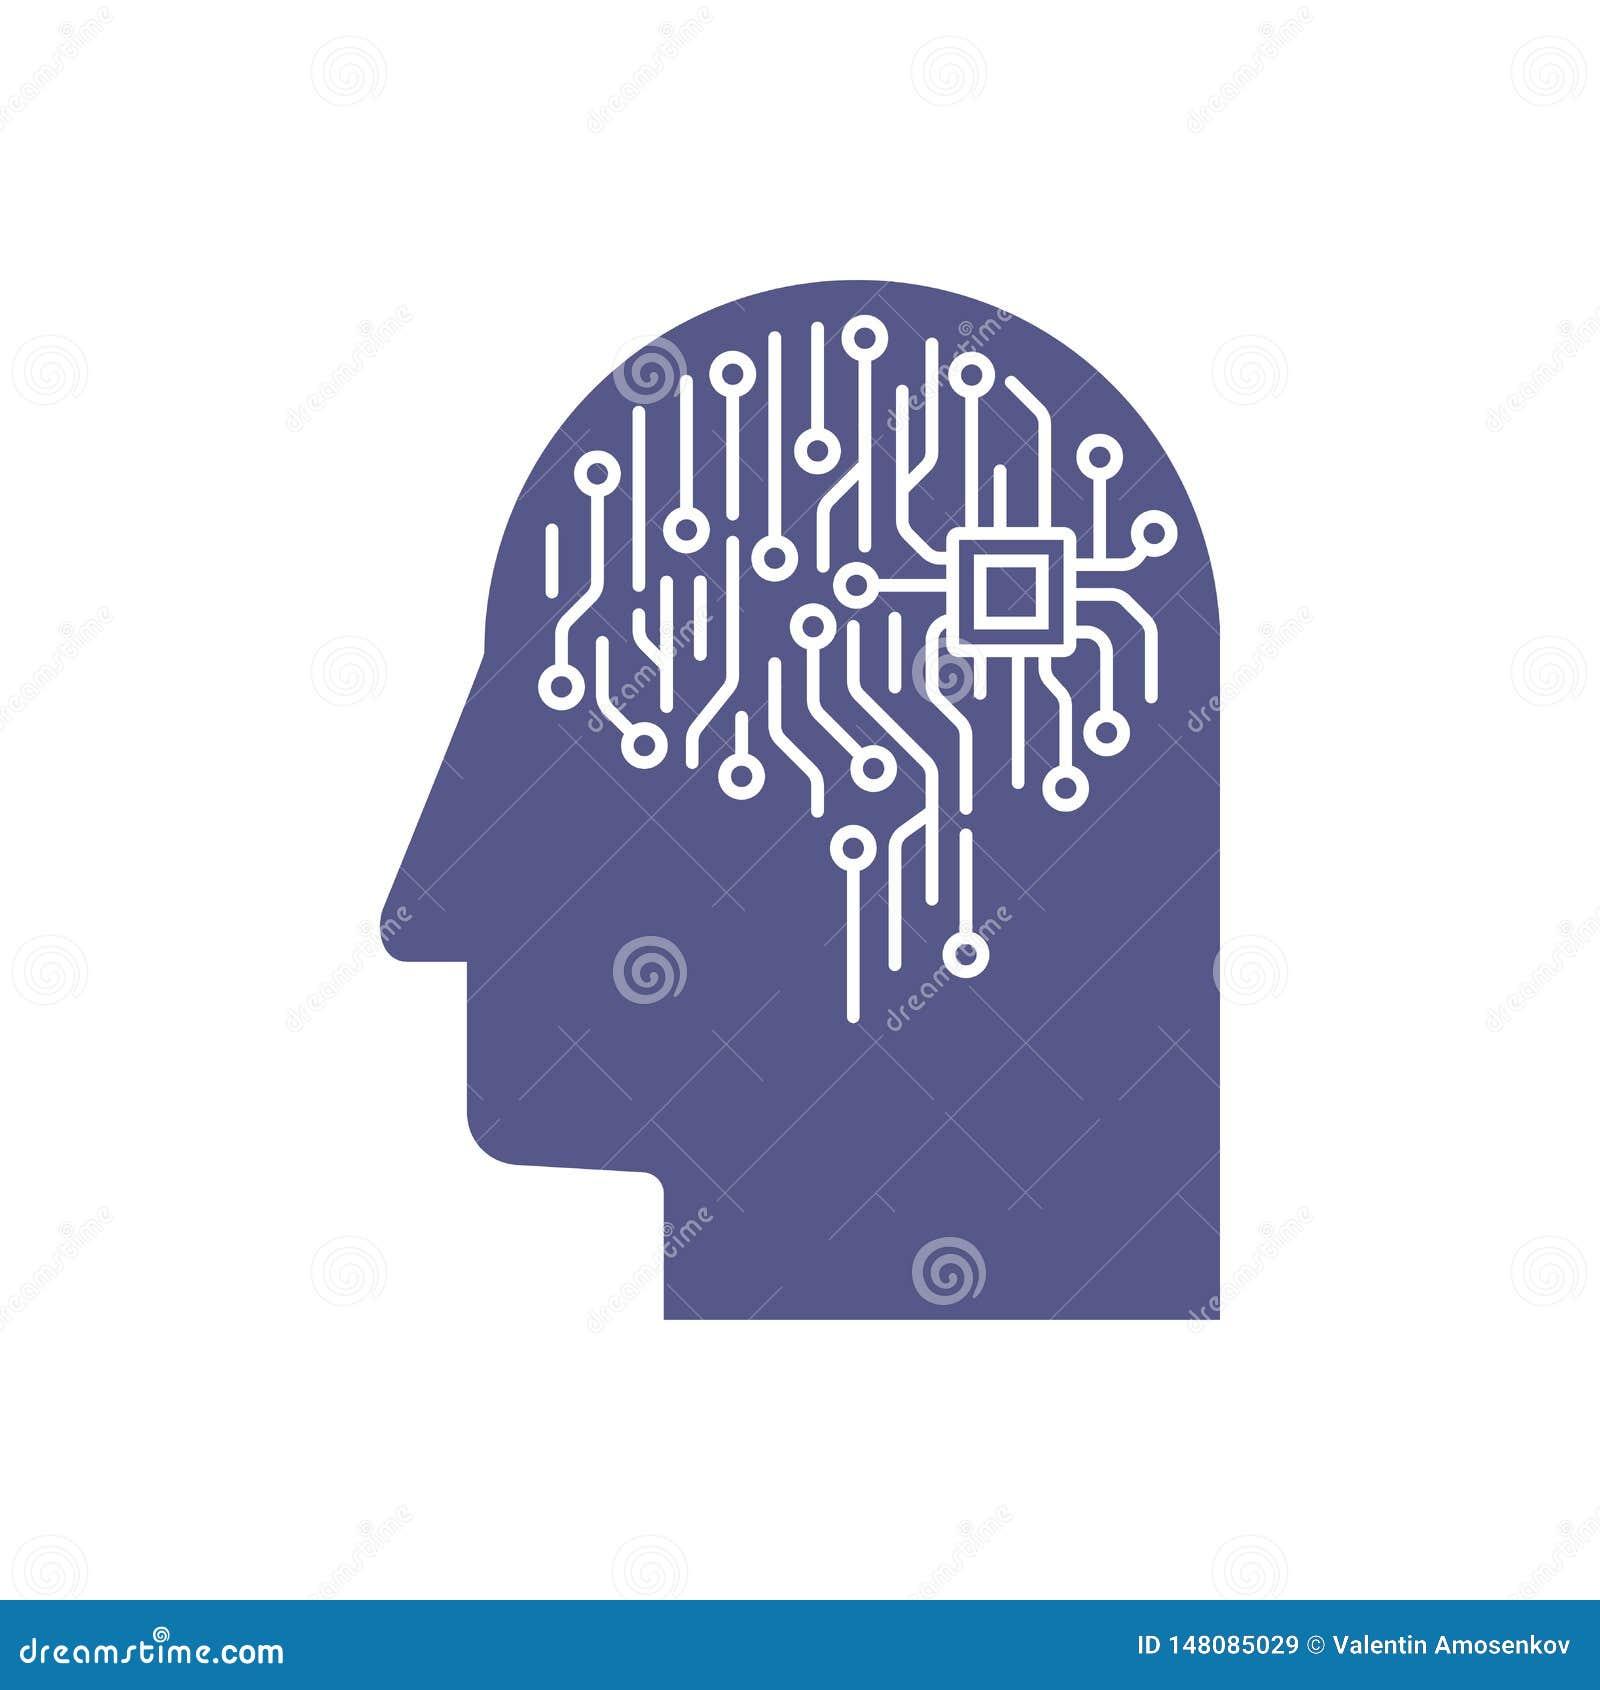 Abstrakt illustration av en hj?rna f?r br?de f?r elektronisk str?mkrets i profilen, begrepp f?r konstgjord intelligens f?r ai